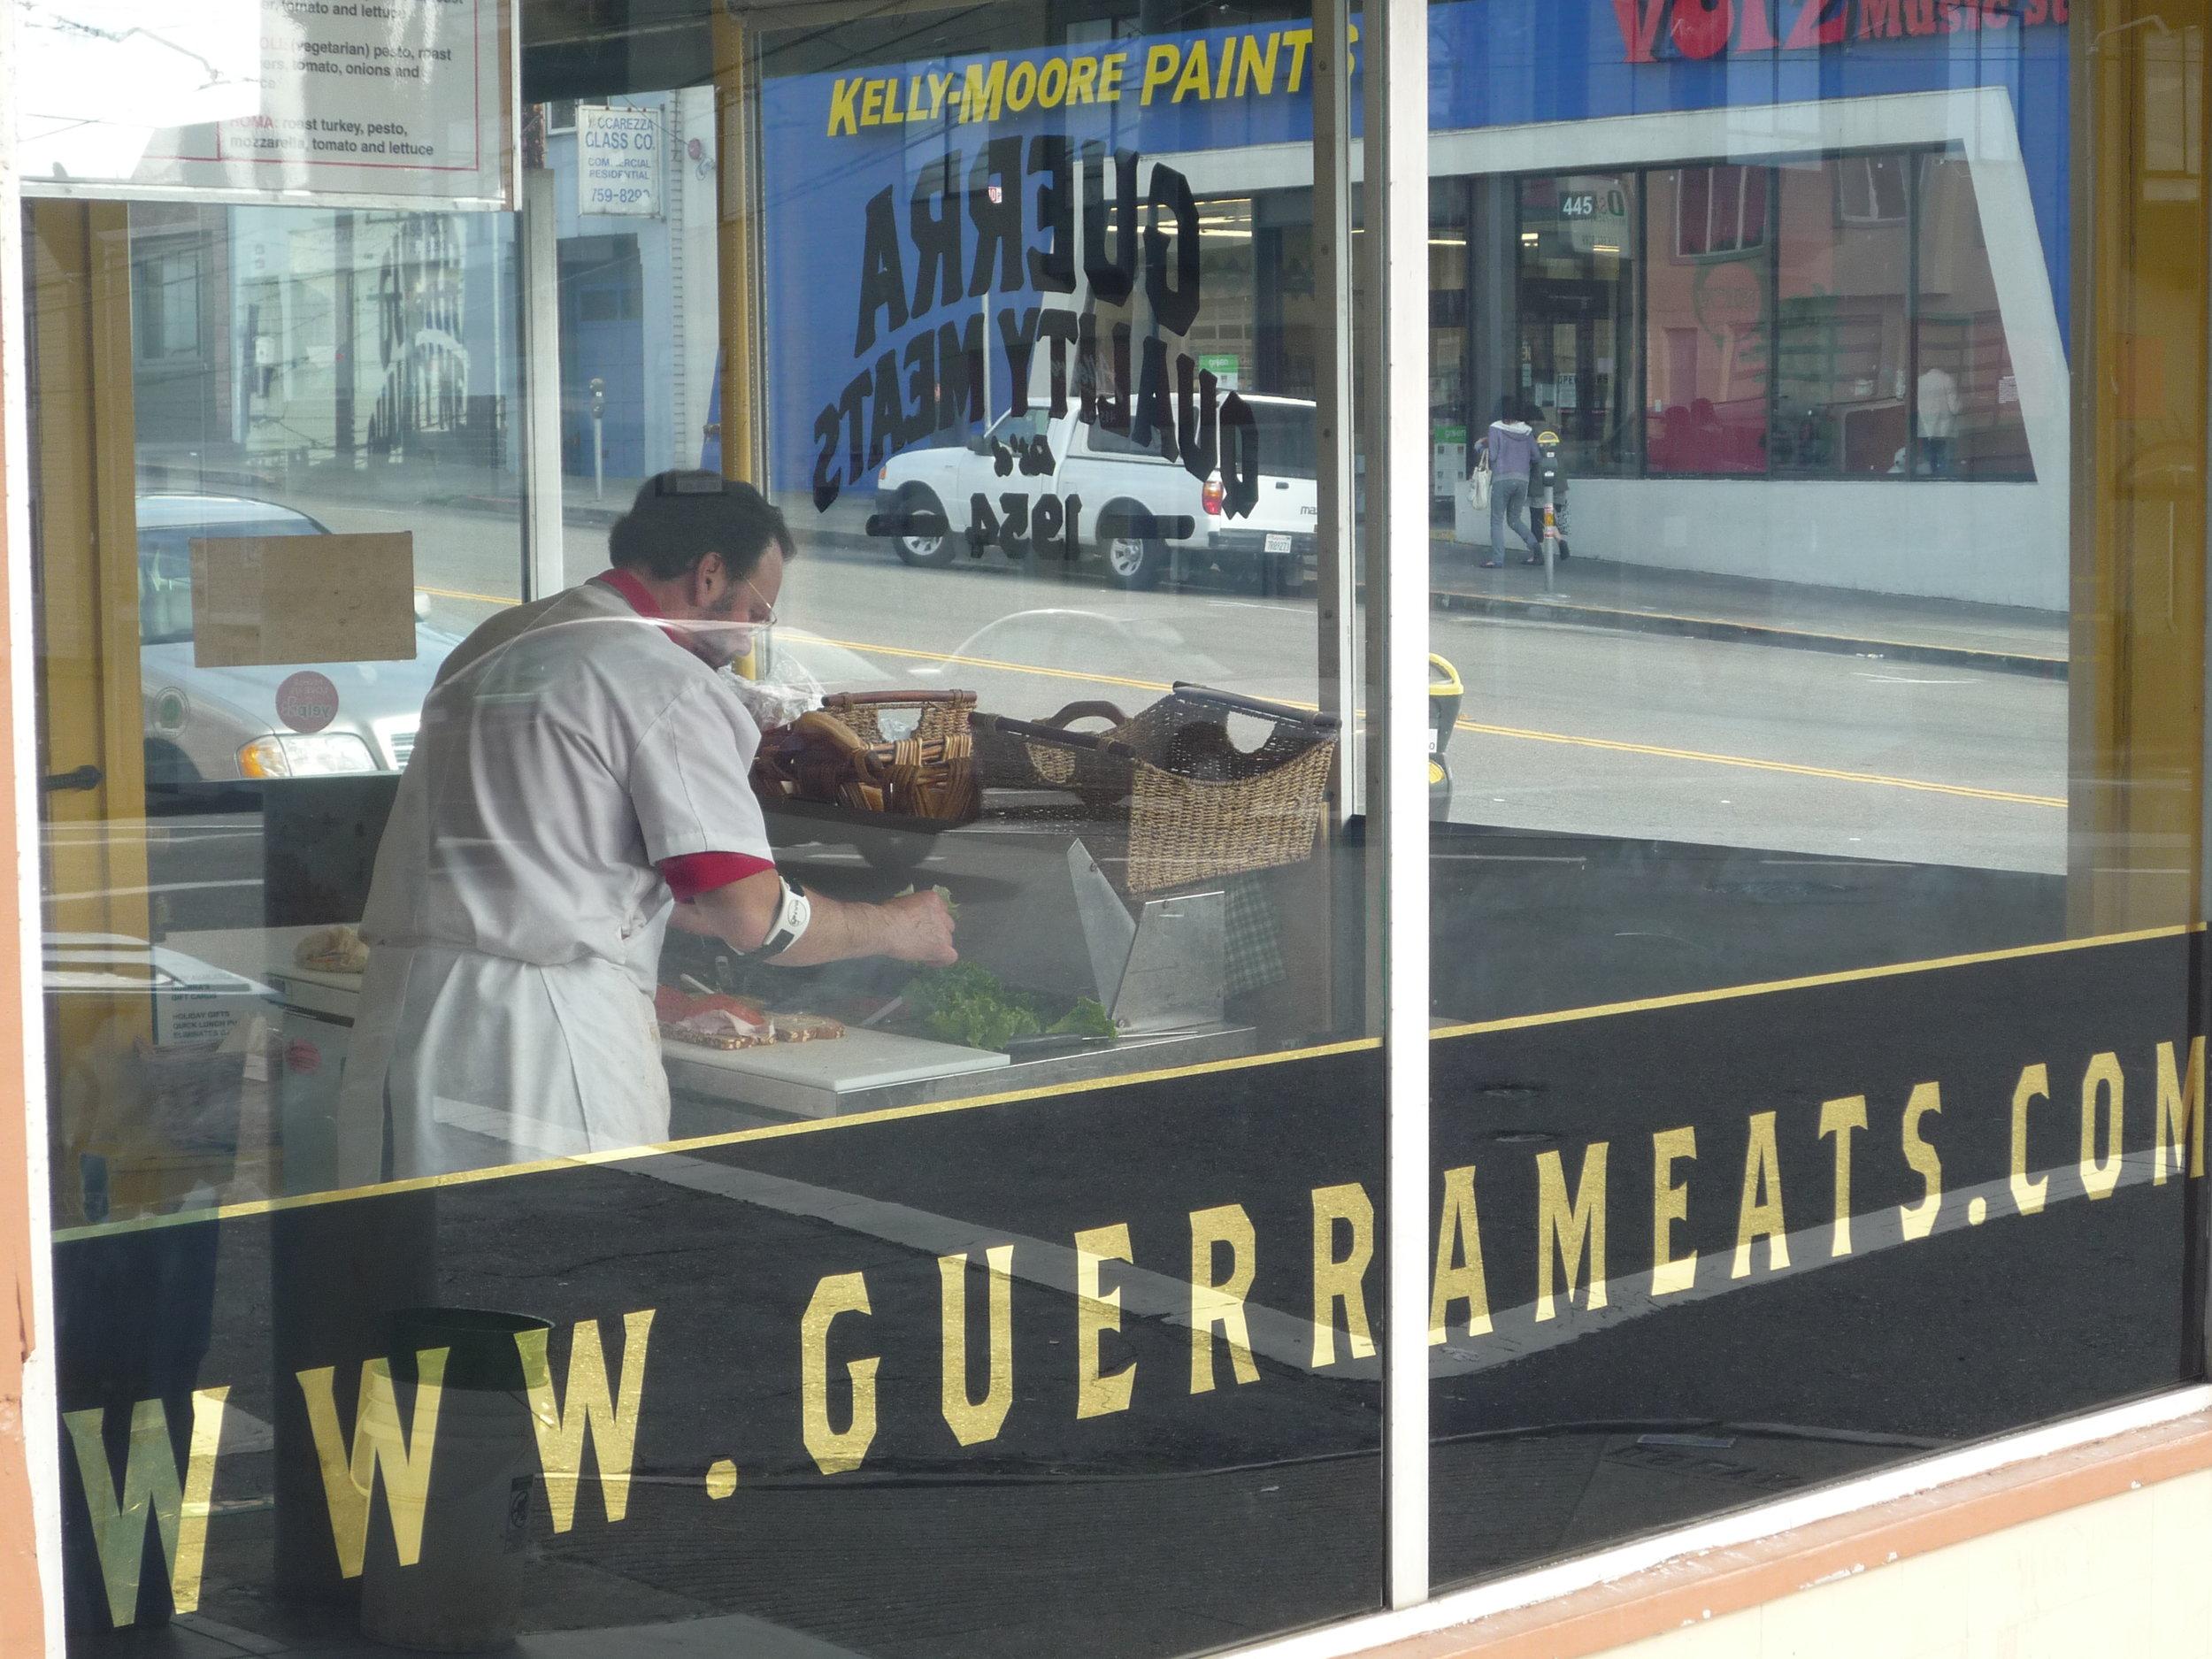 GOLD-guerra-meats-website_3373570508_o.jpg